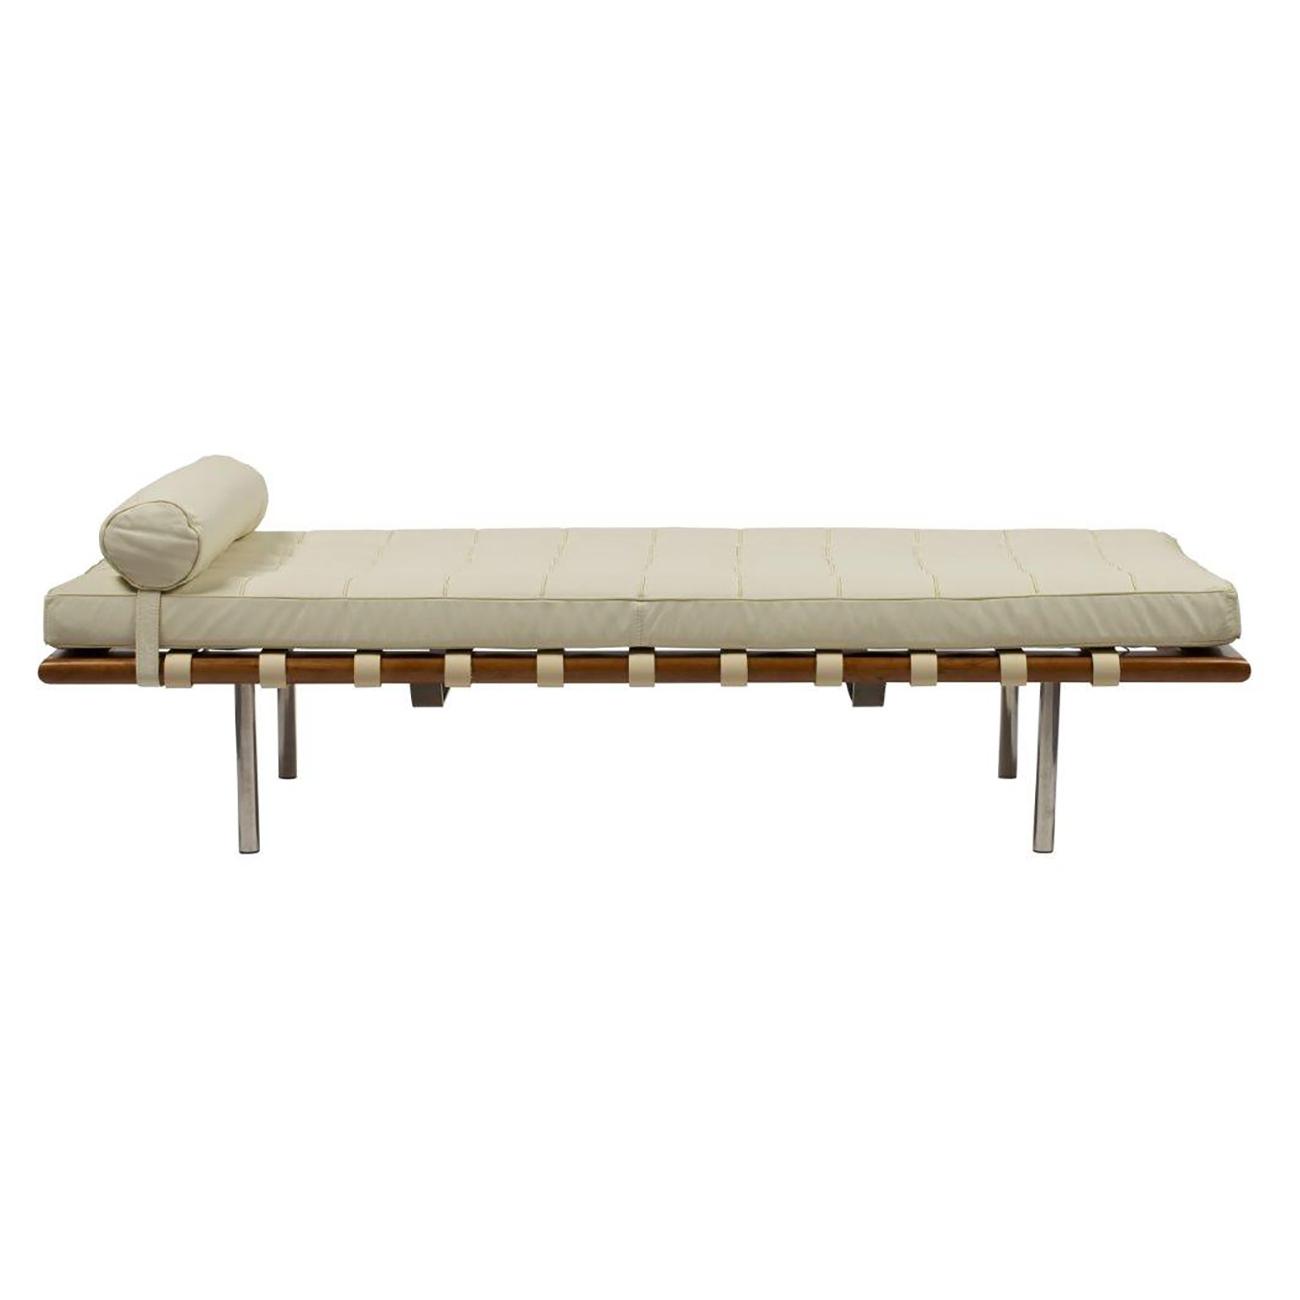 Купить Кушетка Barcelona Кремовая Кожа Премиум в интернет магазине дизайнерской мебели и аксессуаров для дома и дачи